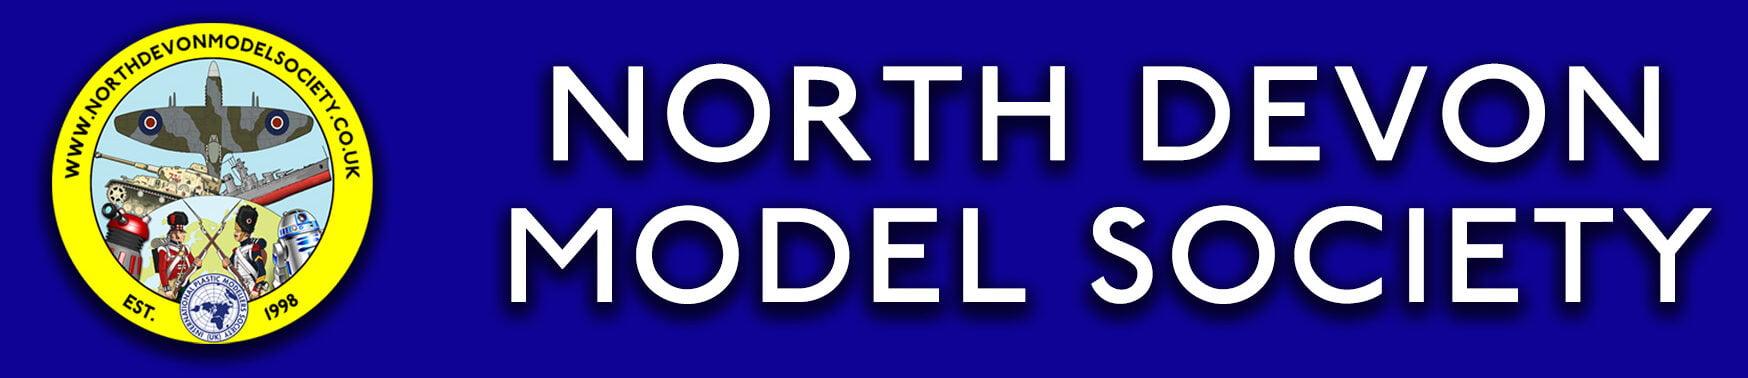 North Devon Model Society